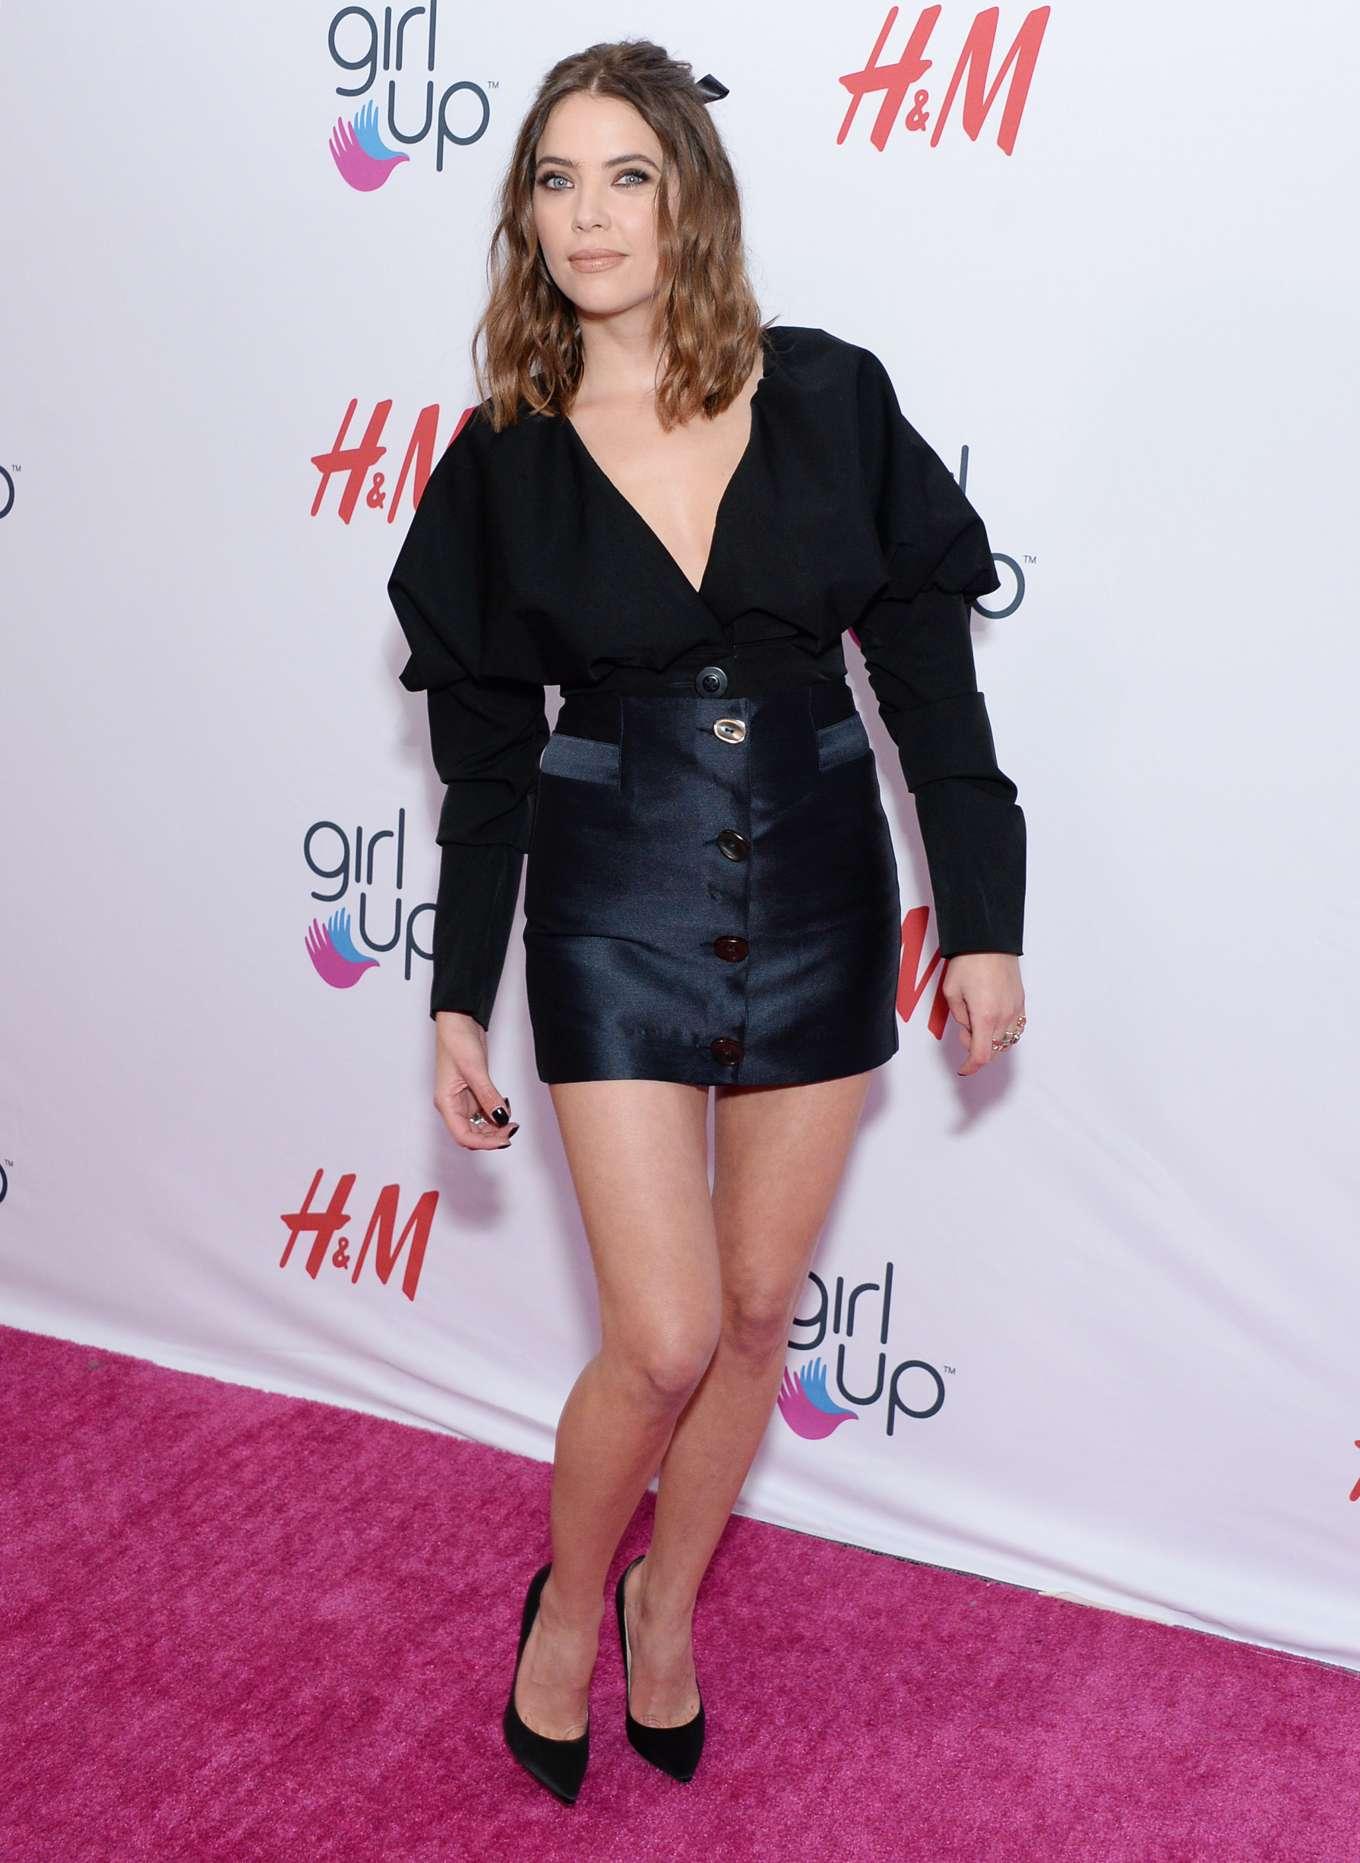 Ashley Benson - 2019 Girl Up GirlHero Awards in Beverly Hills